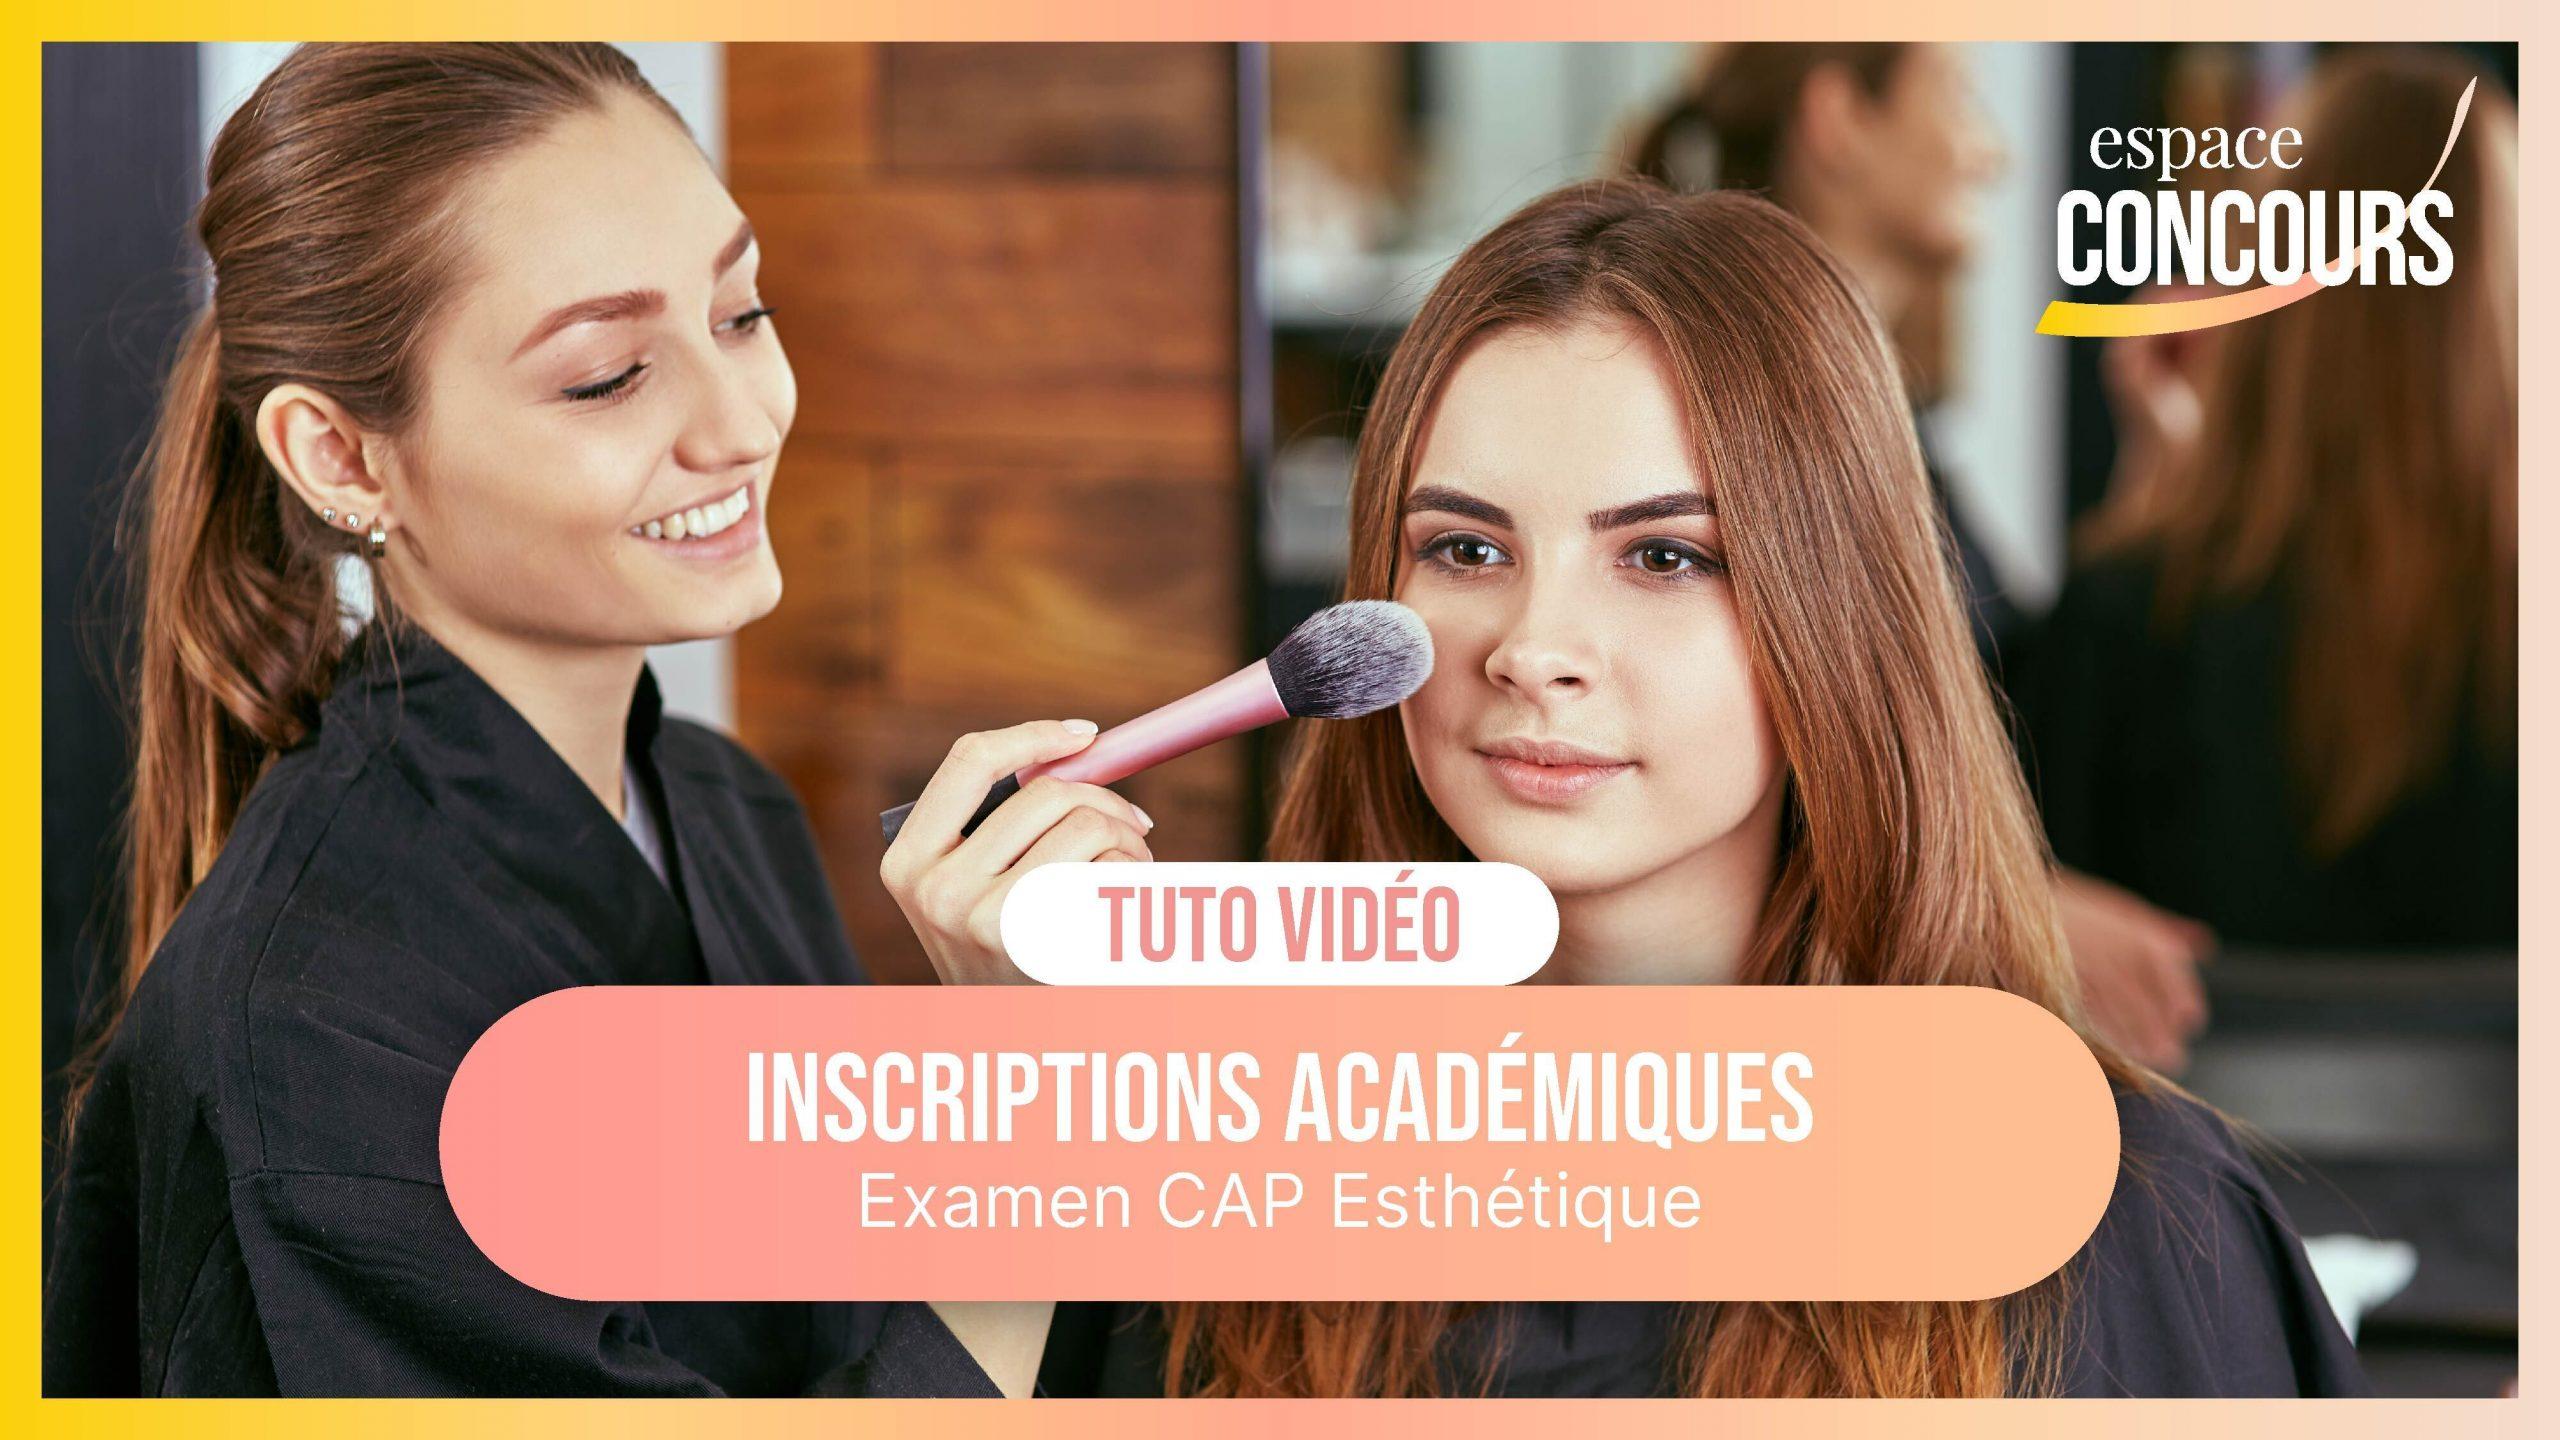 Vidéo Tuto – Les inscriptions Académiques Examen CAP Esthétique